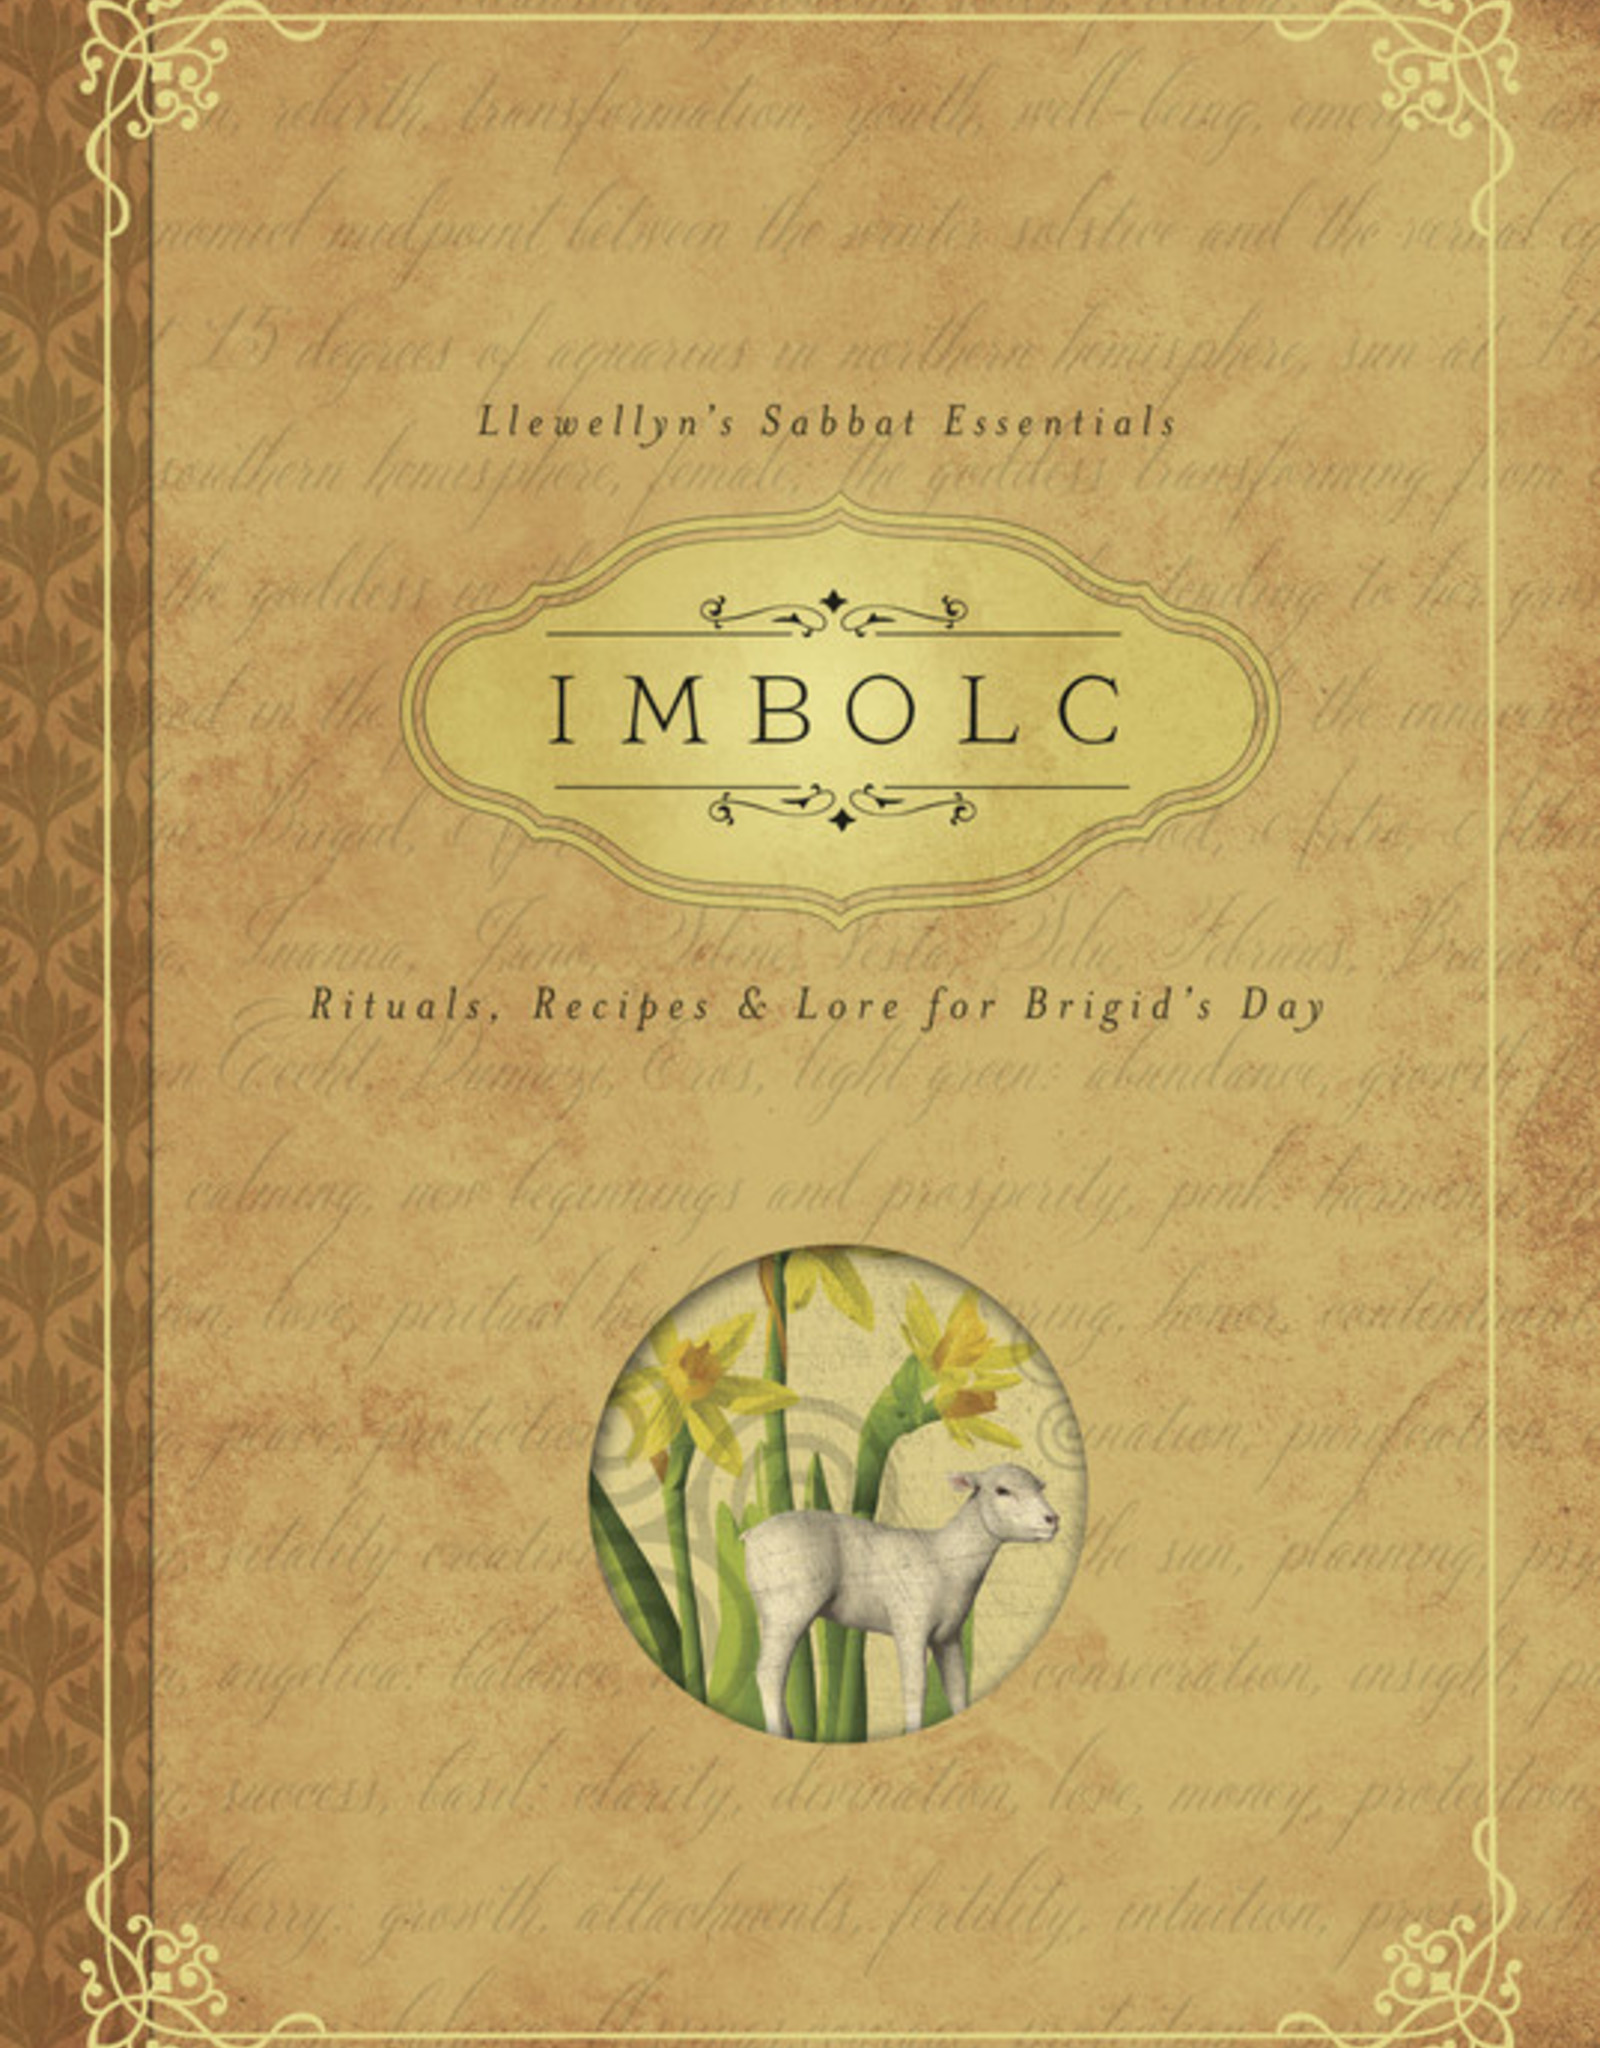 Llewelyn Imbolc